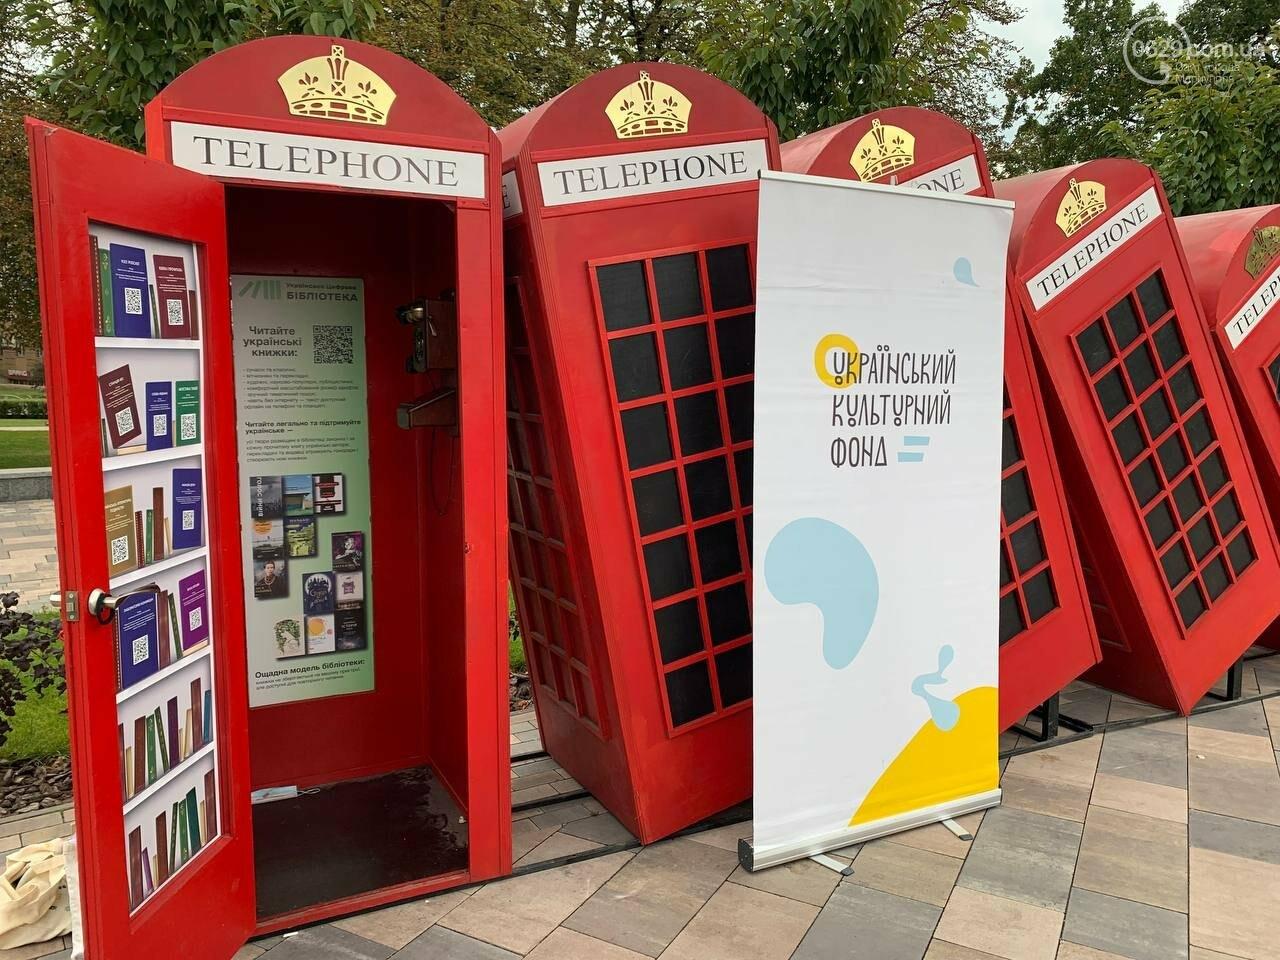 Книжковий фестиваль у Маріуполі вже у ці вихідні: розповідаємо про цікавинки, - ФОТО, фото-4